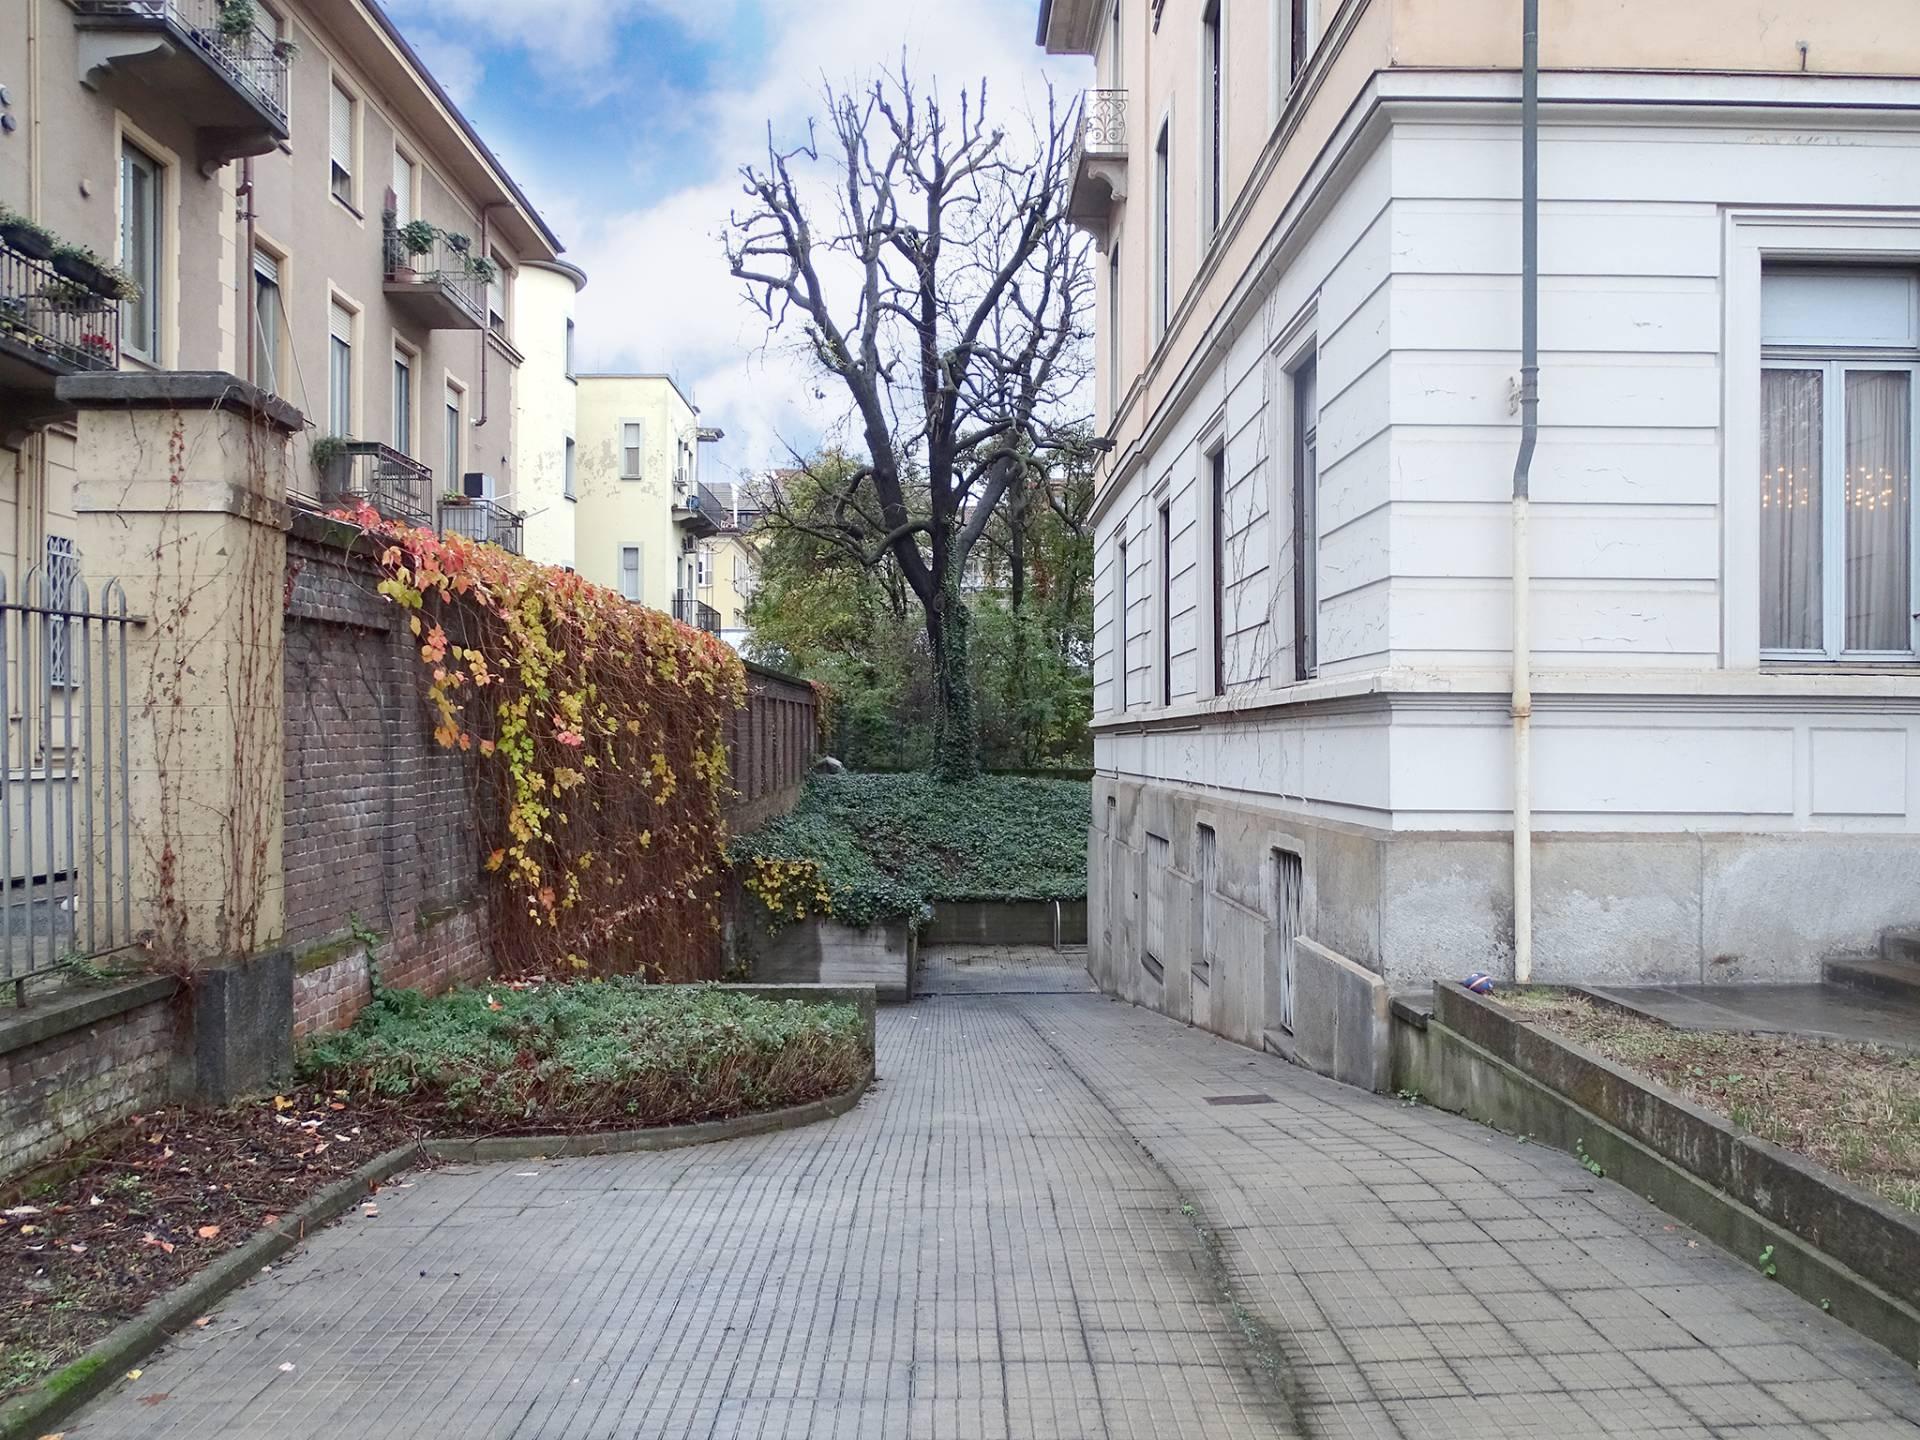 Uffici in affitto a Torino in zona San Salvario ...